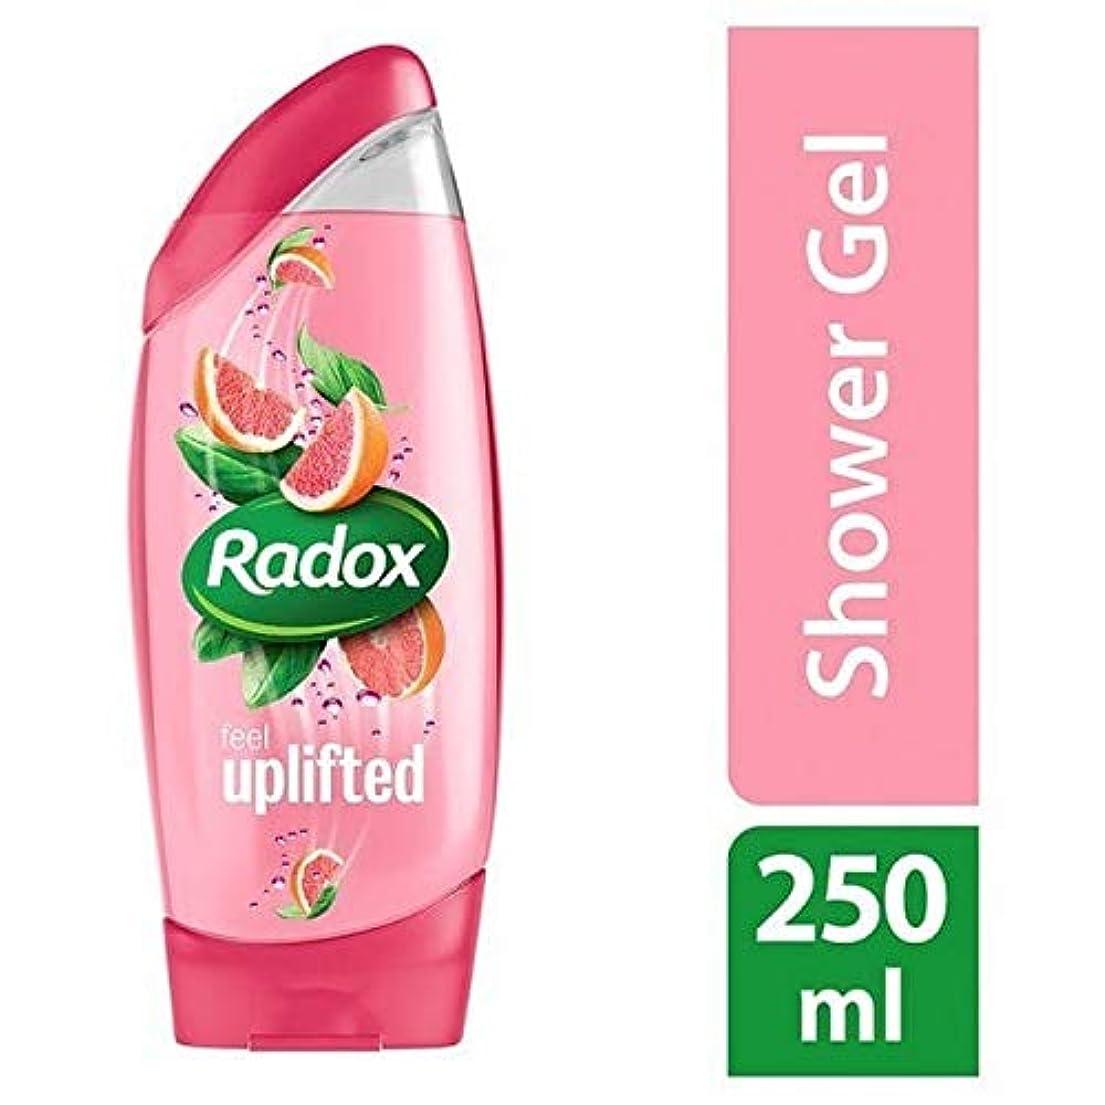 唯一説明的サイバースペース[Radox] Radox感隆起シャワージェル250ミリリットル - Radox Feel Uplifted Shower Gel 250ml [並行輸入品]